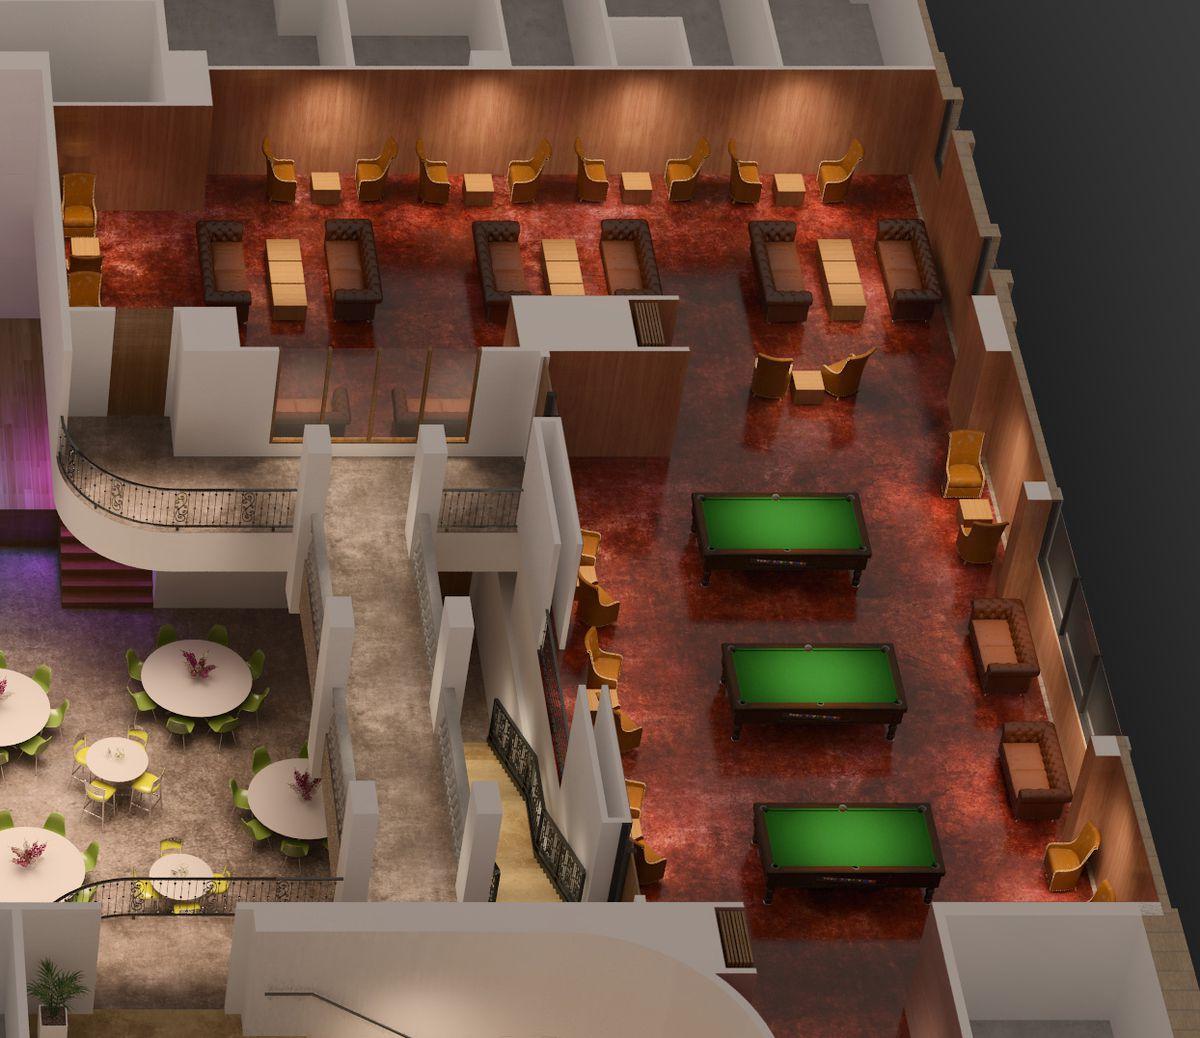 The Venue Las Vegas rendering